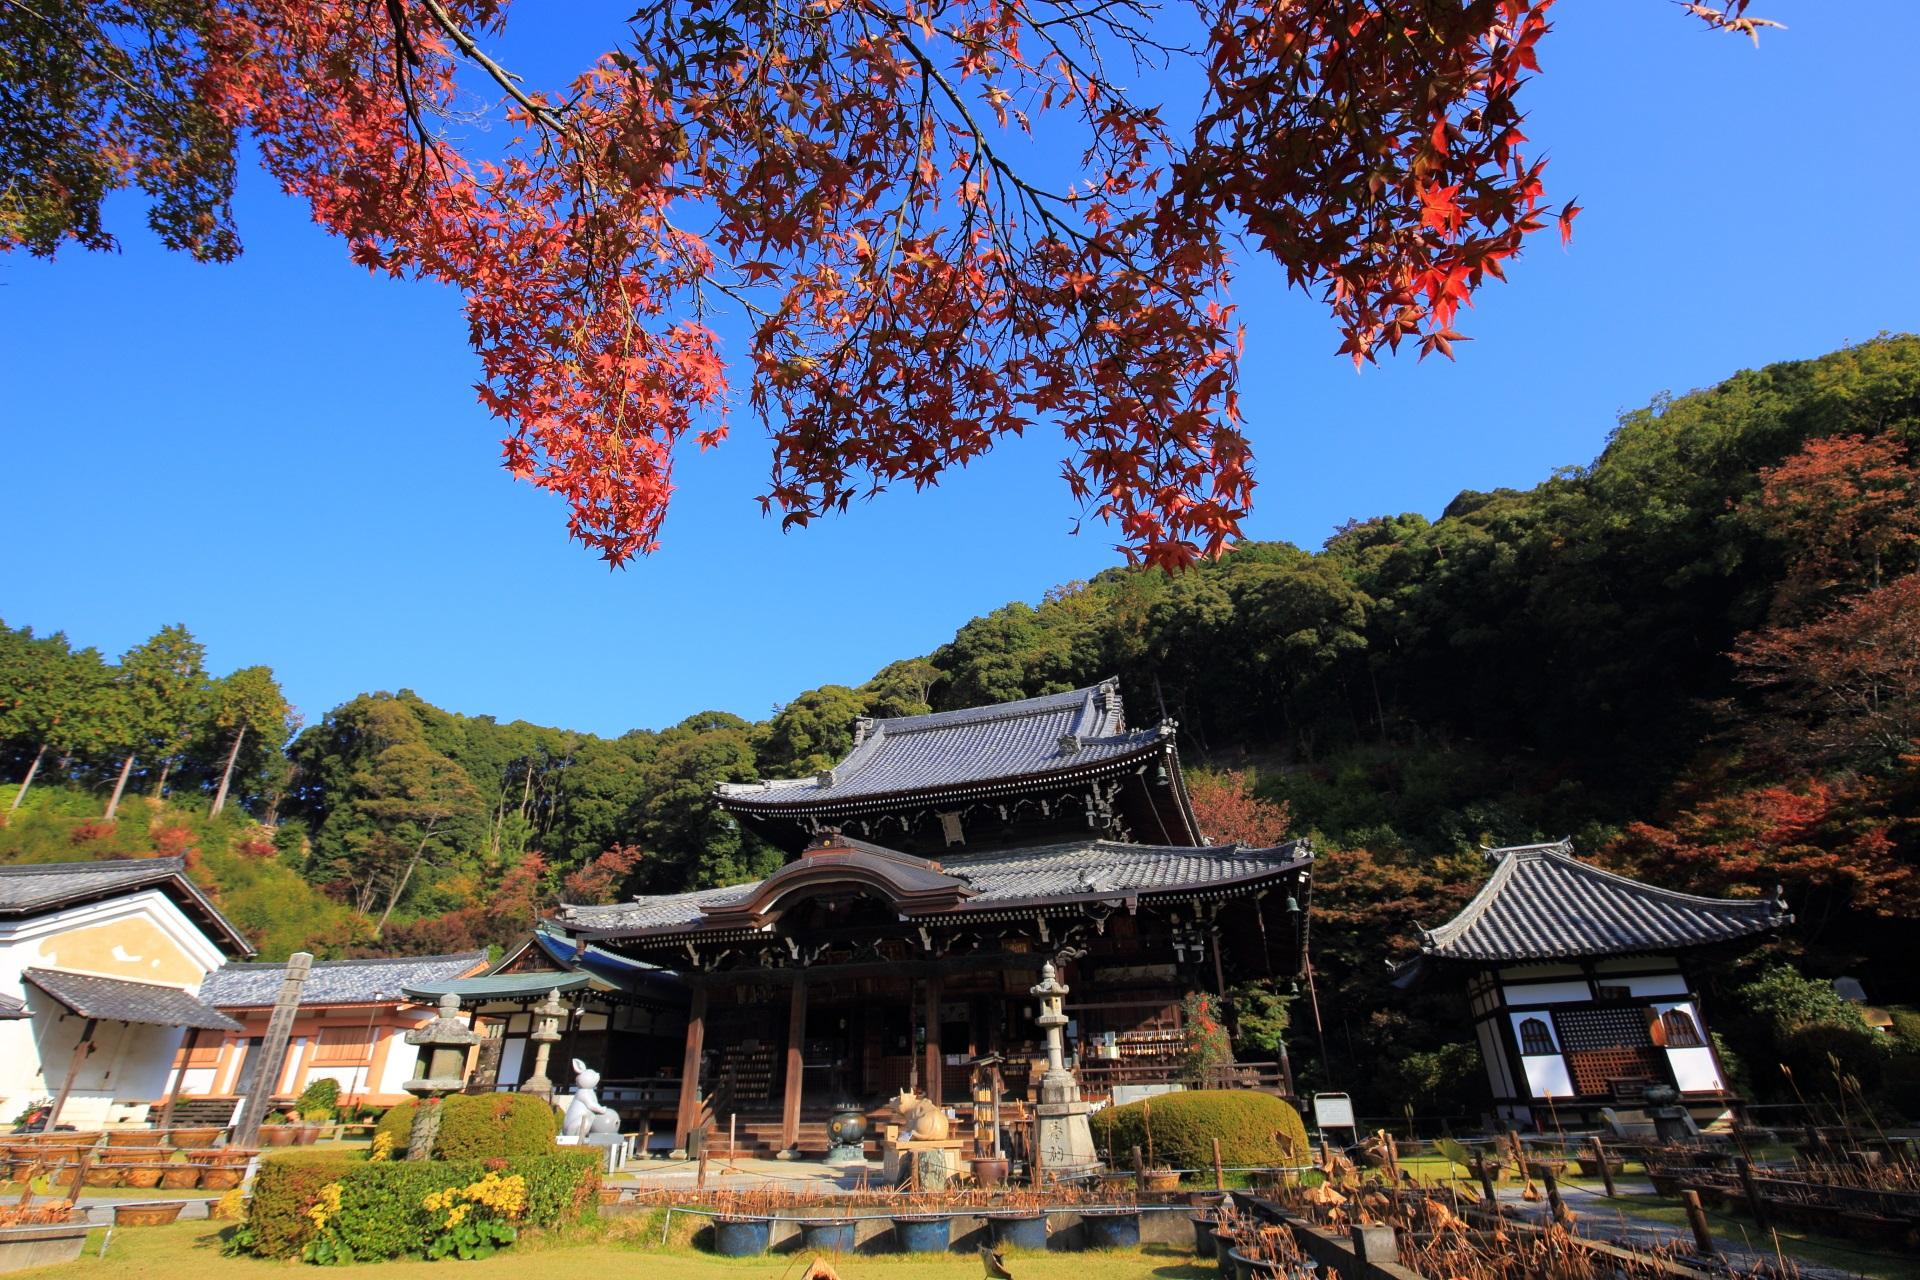 三室戸寺の本堂と鮮やかな紅葉